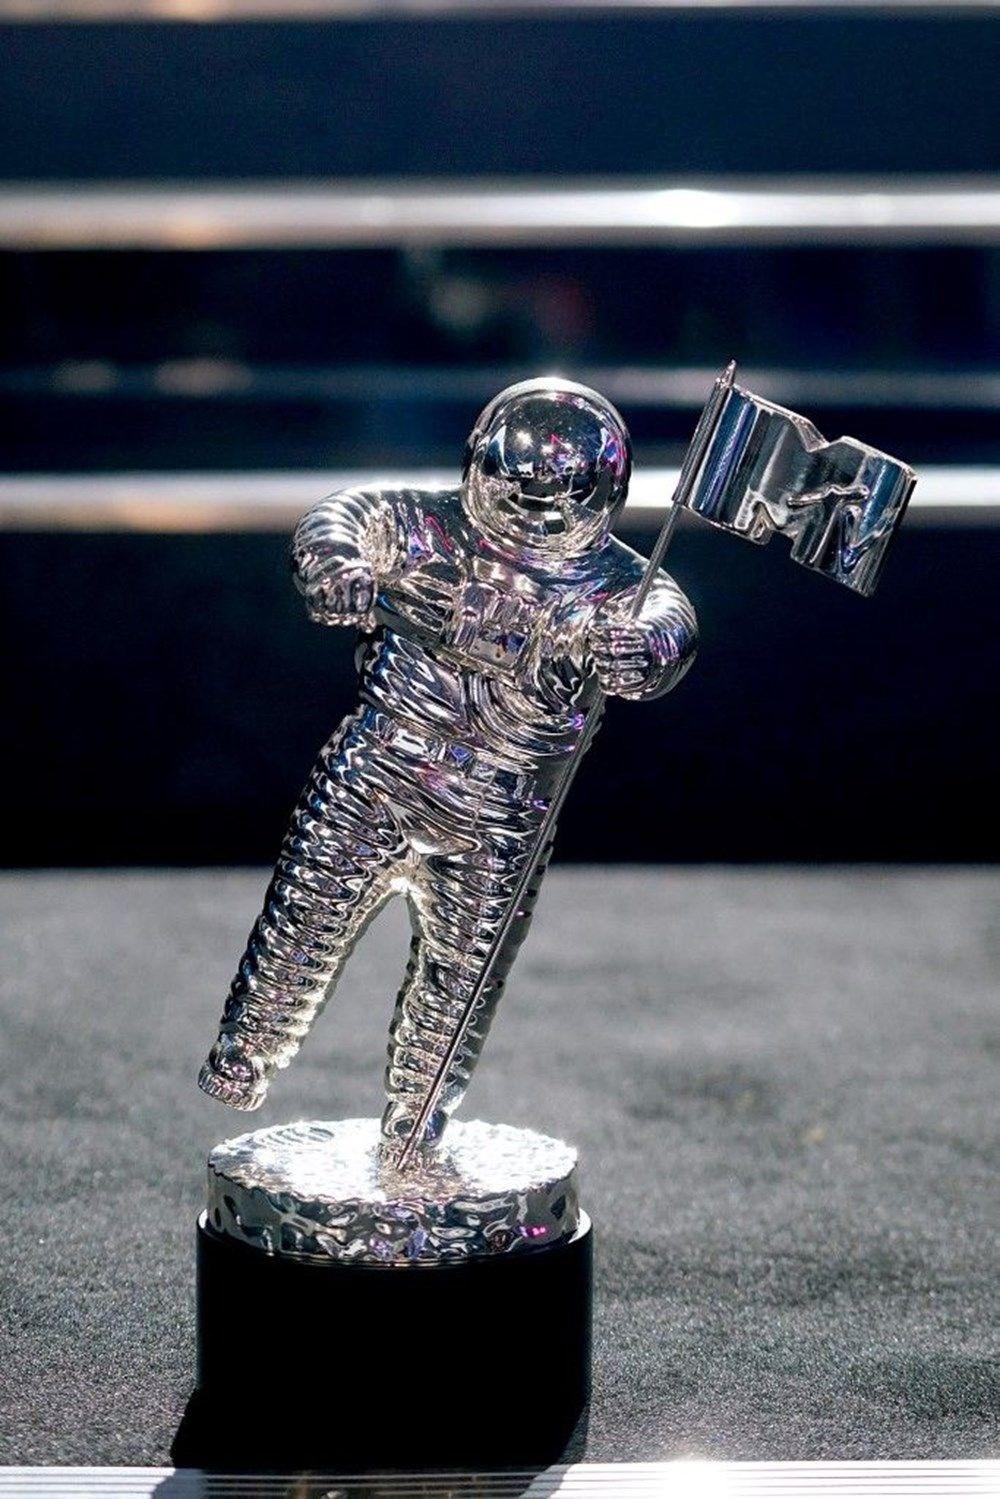 2020 MTV Video Müzik Ödülleri sahiplerini buldu - 17